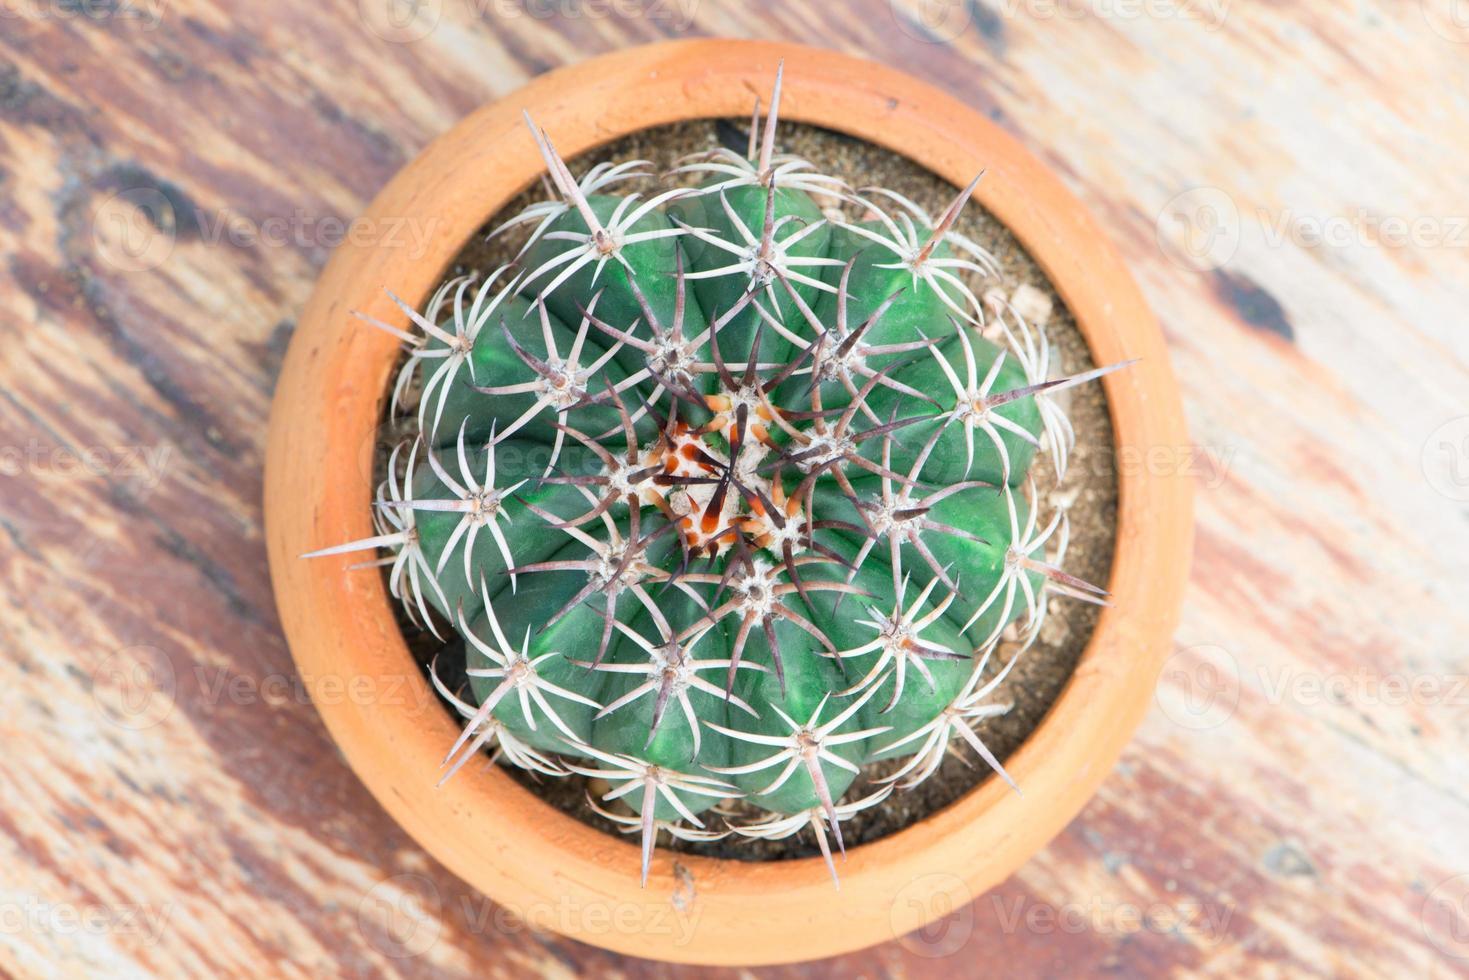 Kaktus im Blumentopf foto